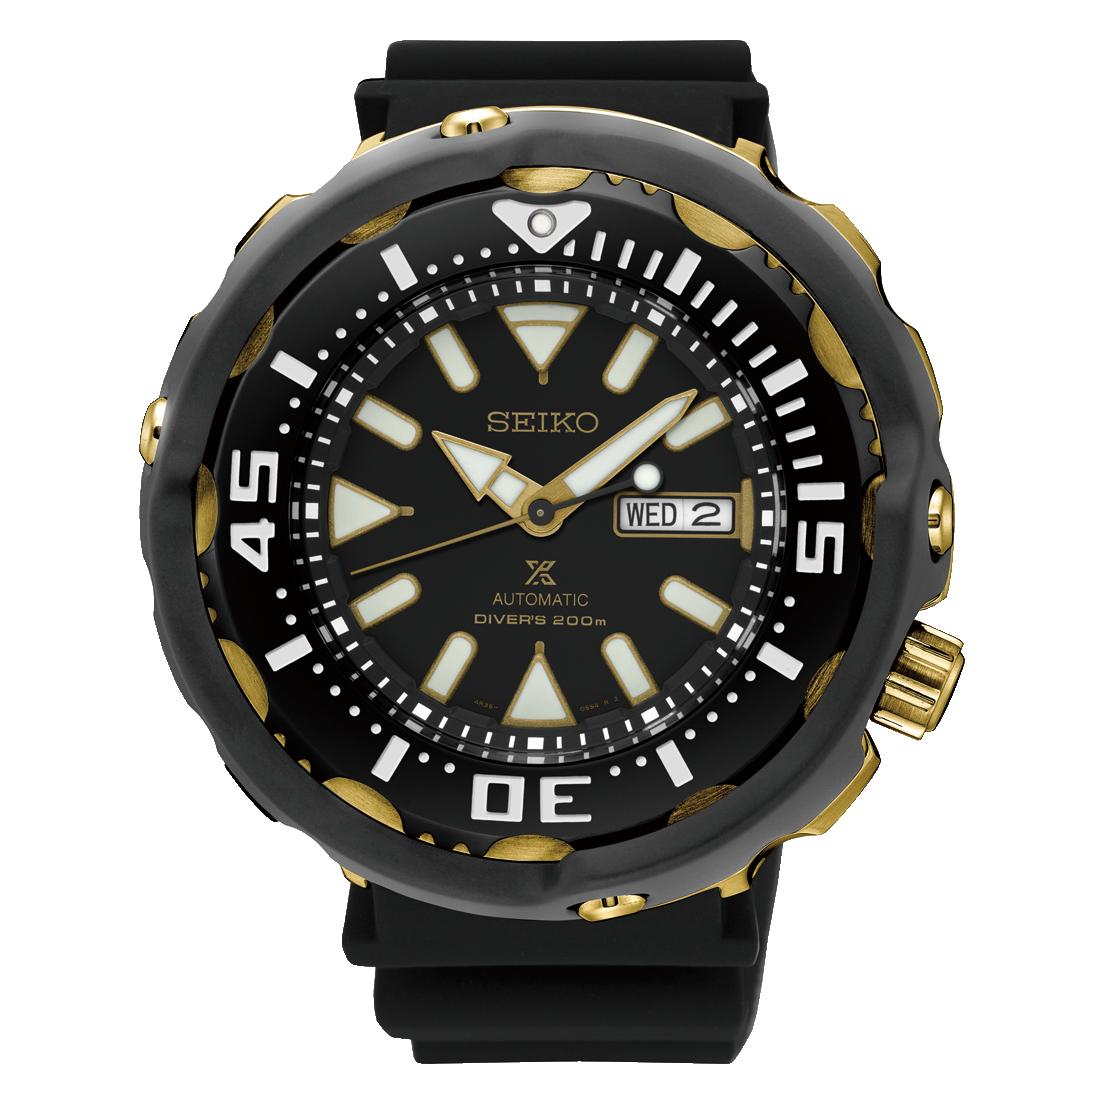 Seiko Prospex SRPA82K1 Automatic Diver 200M